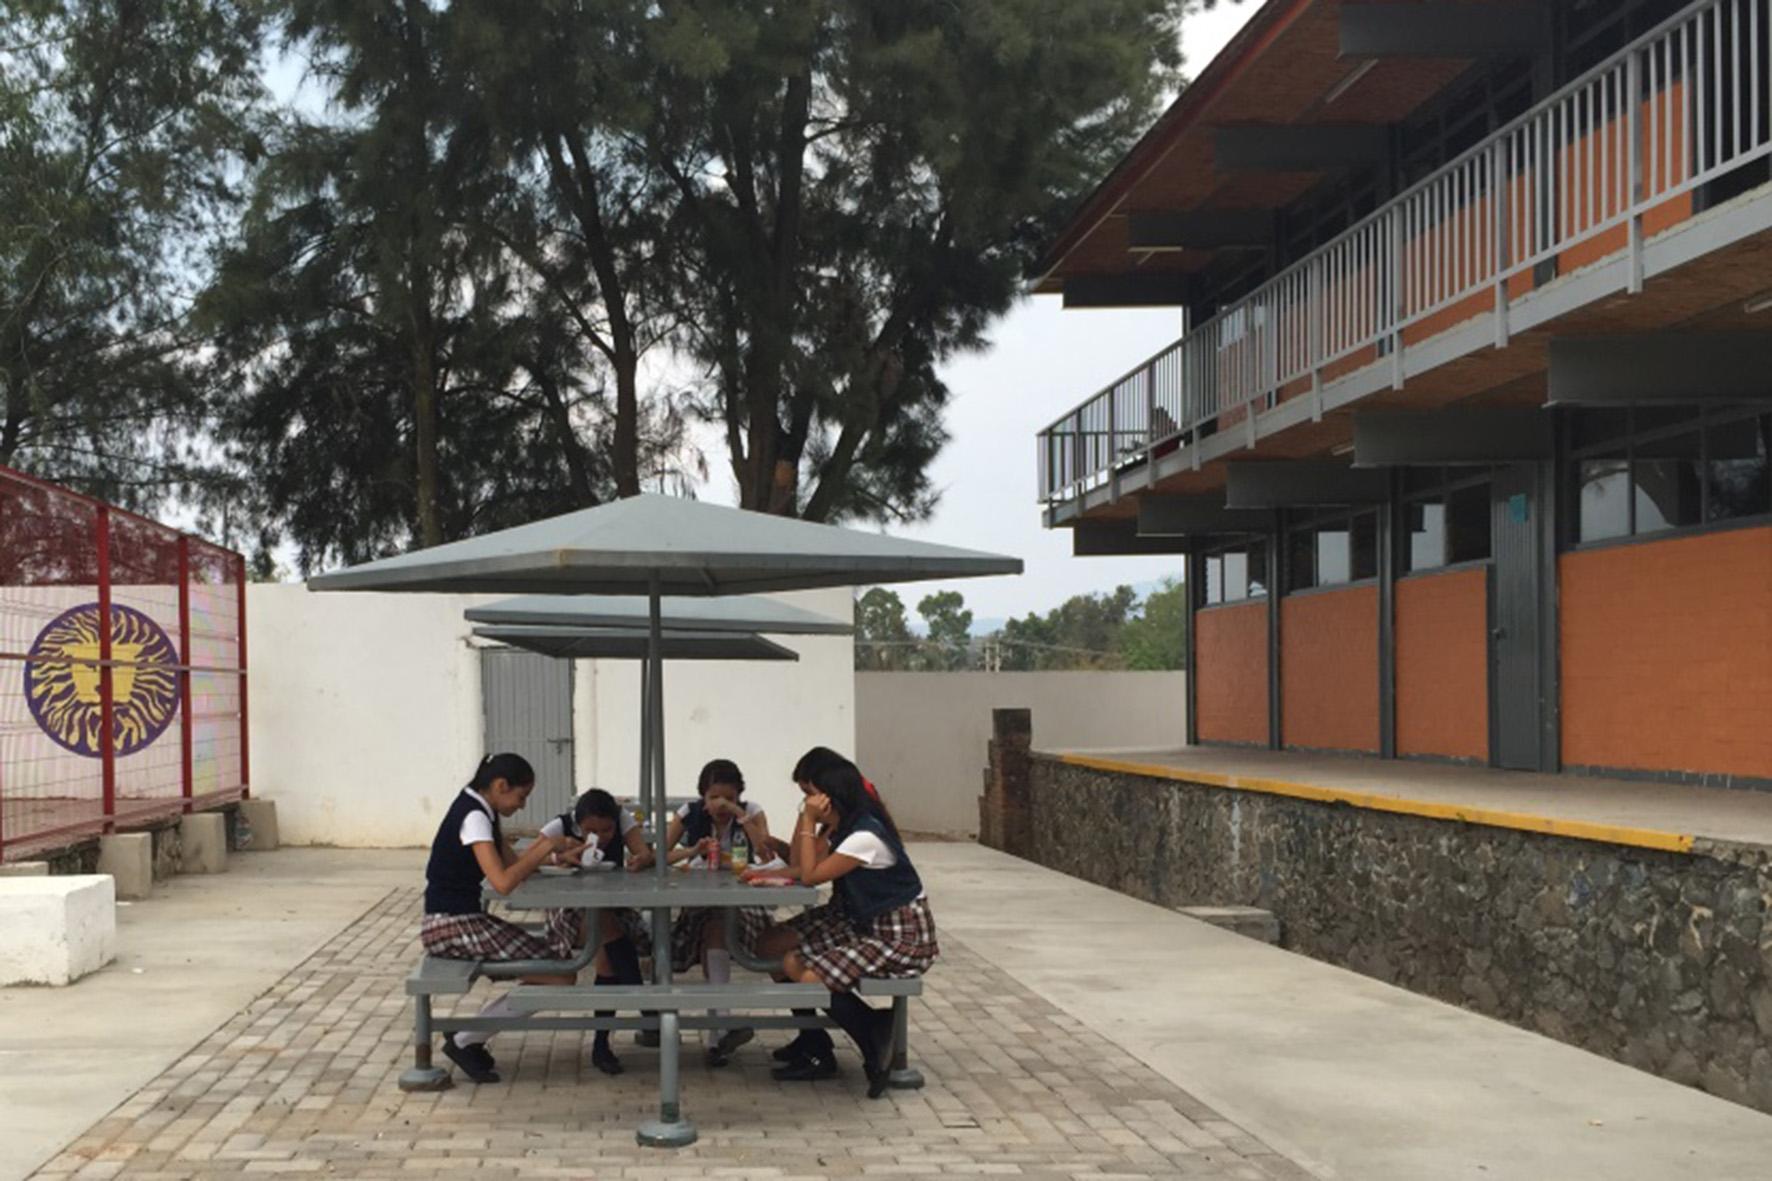 Grupo de adolescentes de preparatoria sentadas tomando un refrigerio en las zonas destinadas para descanso del módulo preparatoriano.